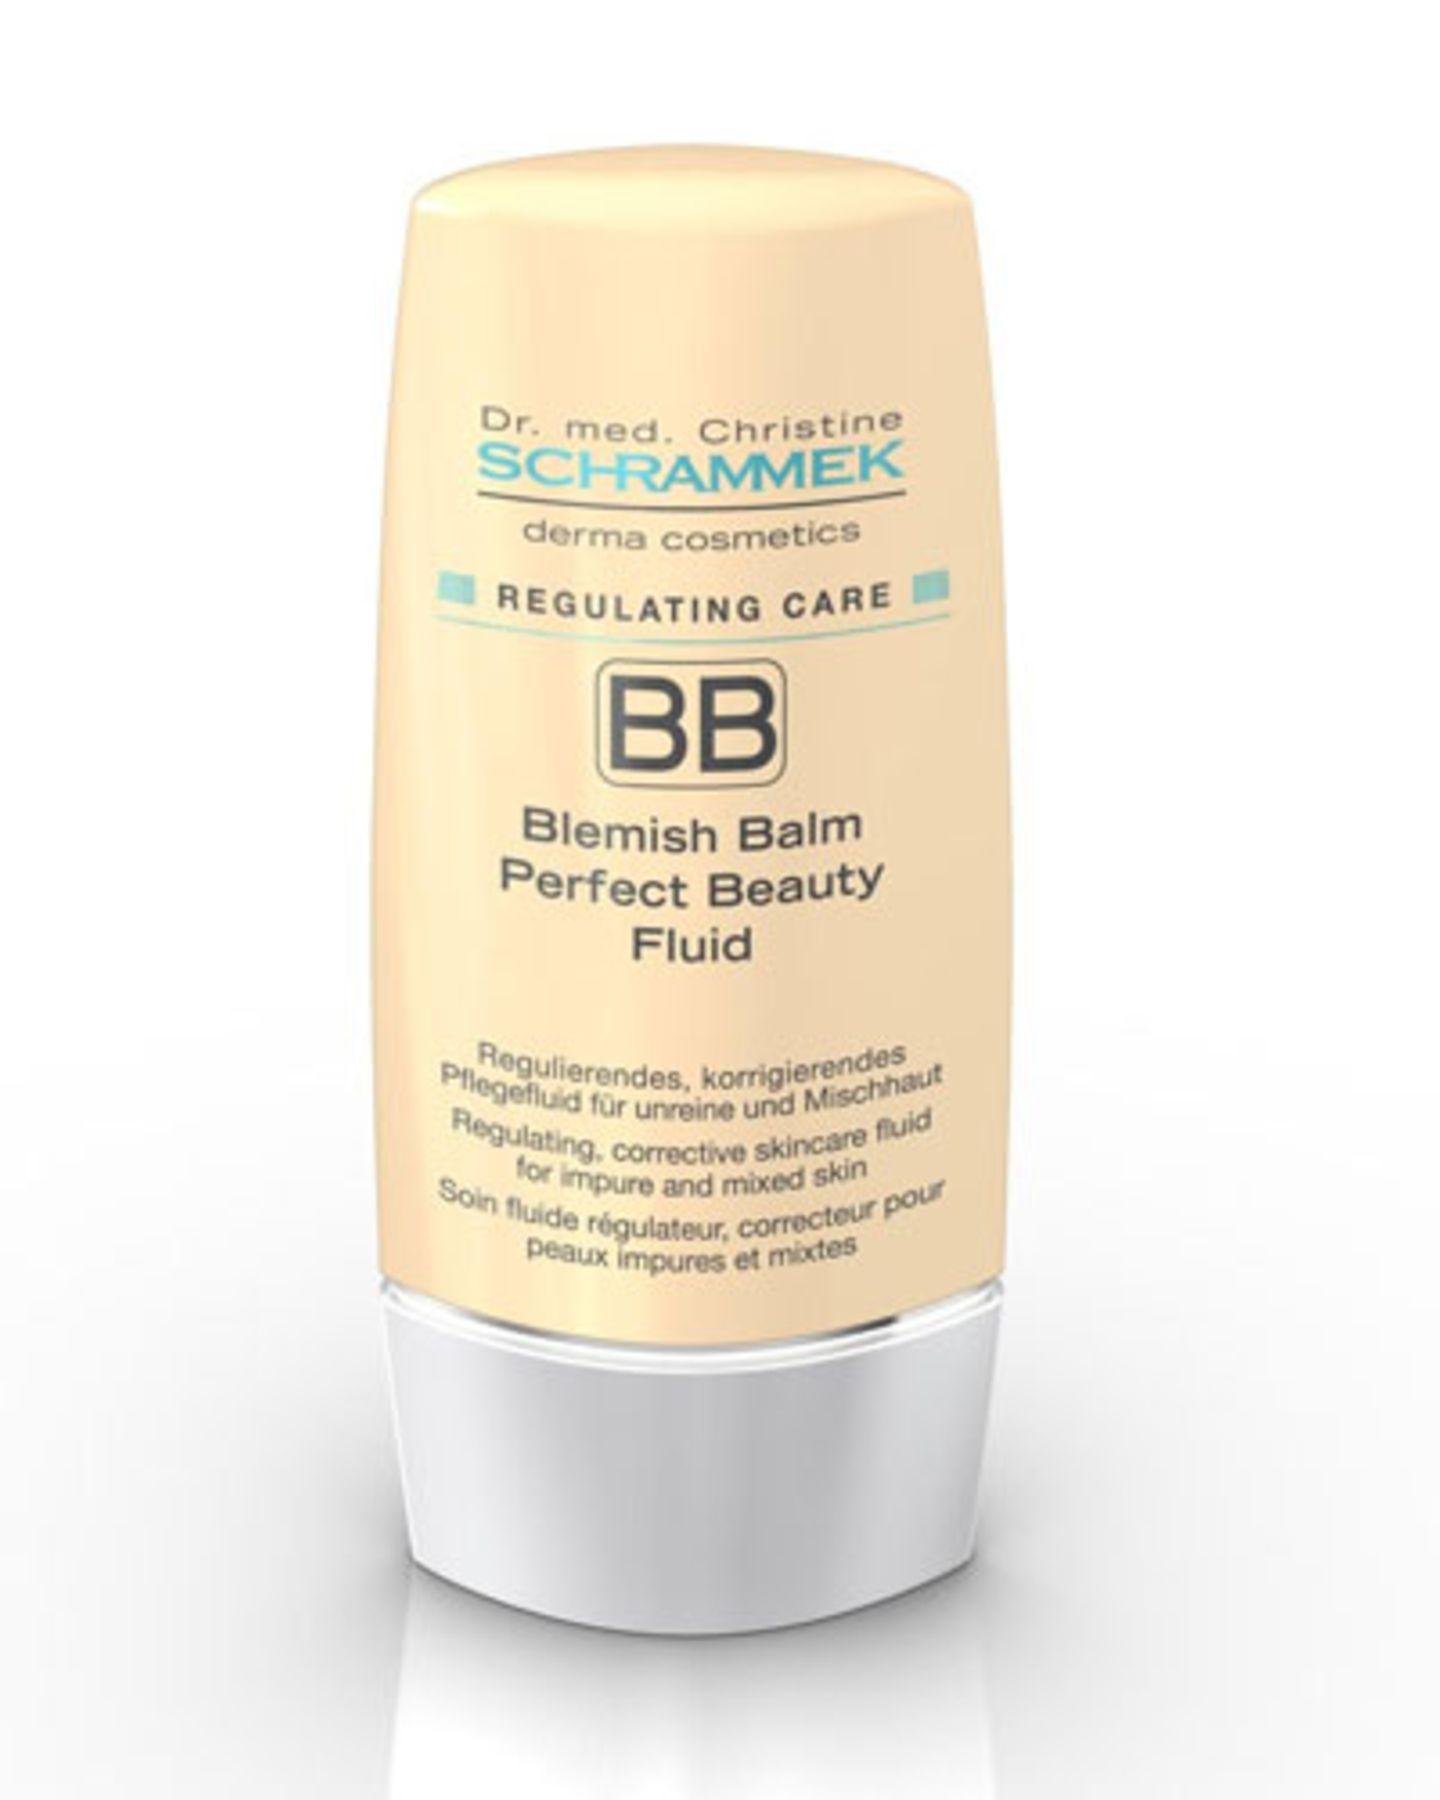 Dr. Schrammek, Blemish Balm Perfect Beauty Fluid Lisa van Houtem, Beauty-Redakteurin: